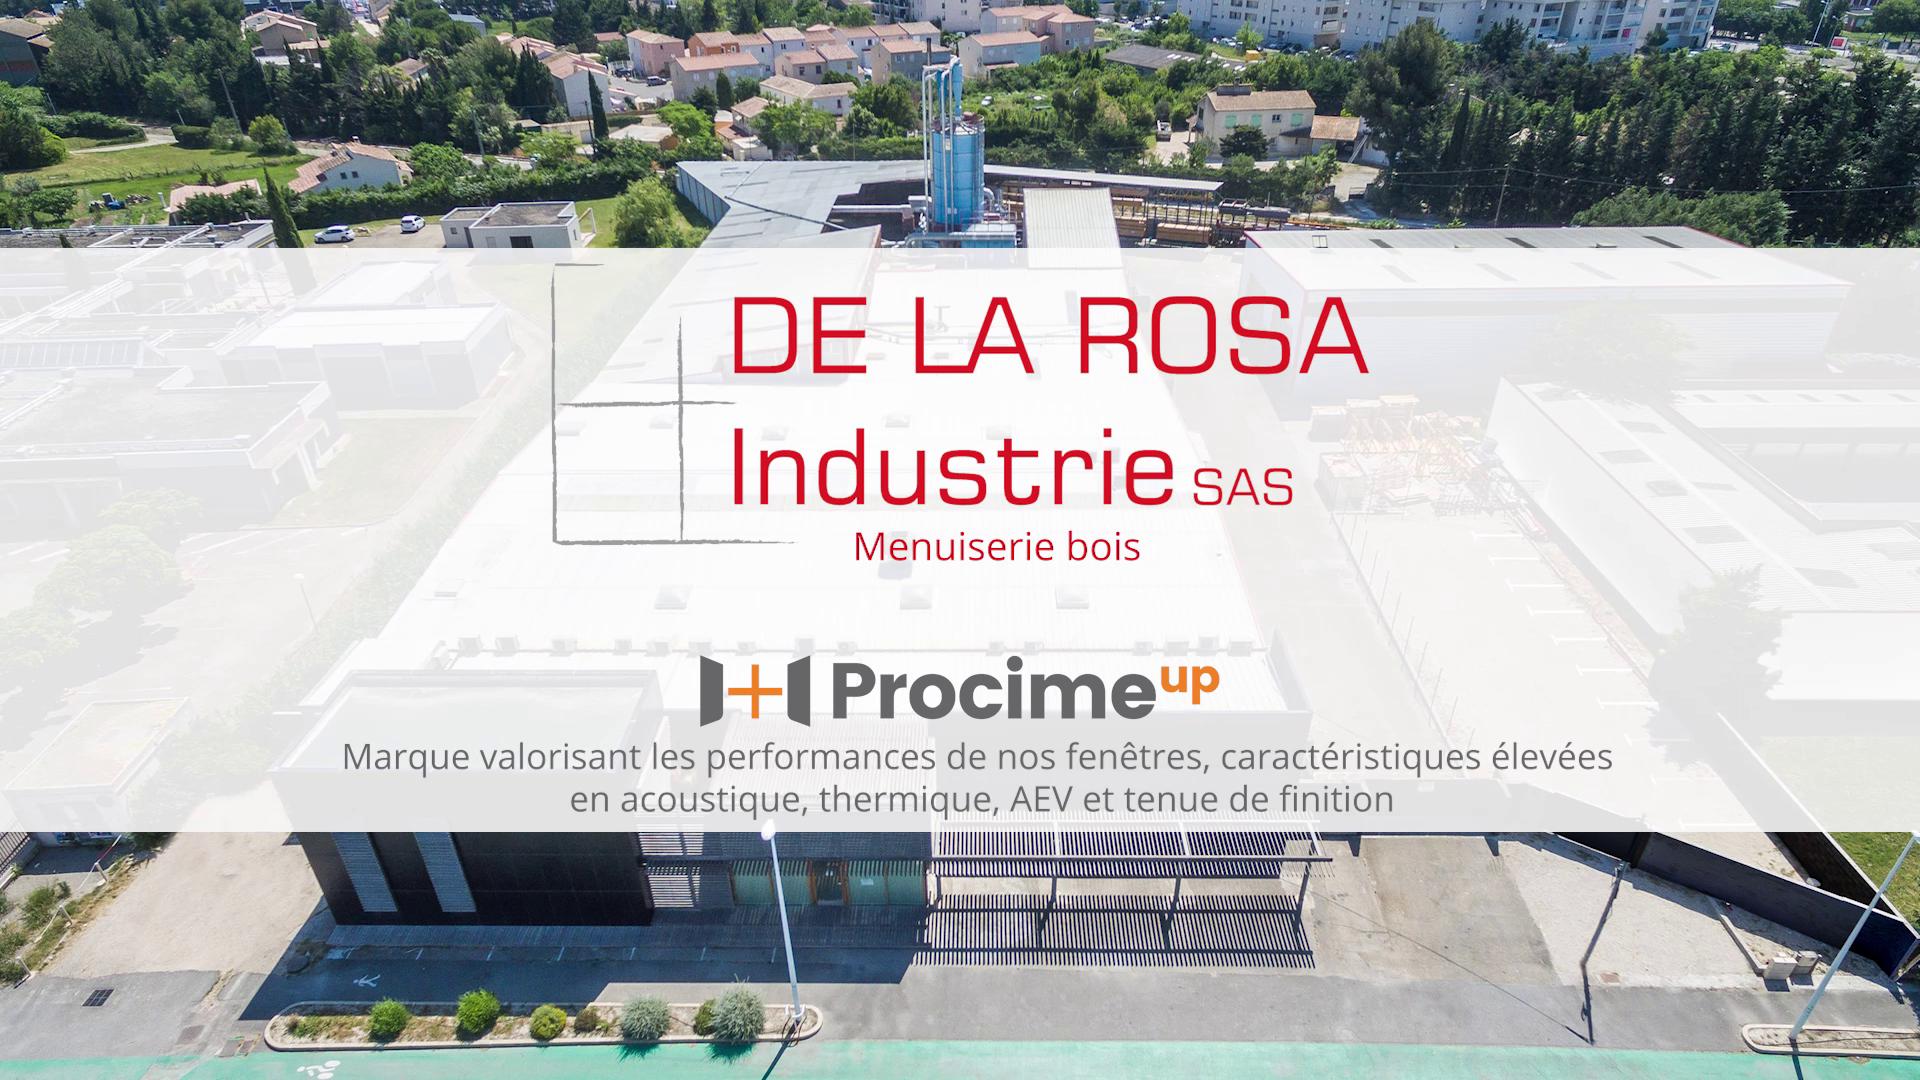 DE LA ROSA Industrie- Film d'entreprise à Arles